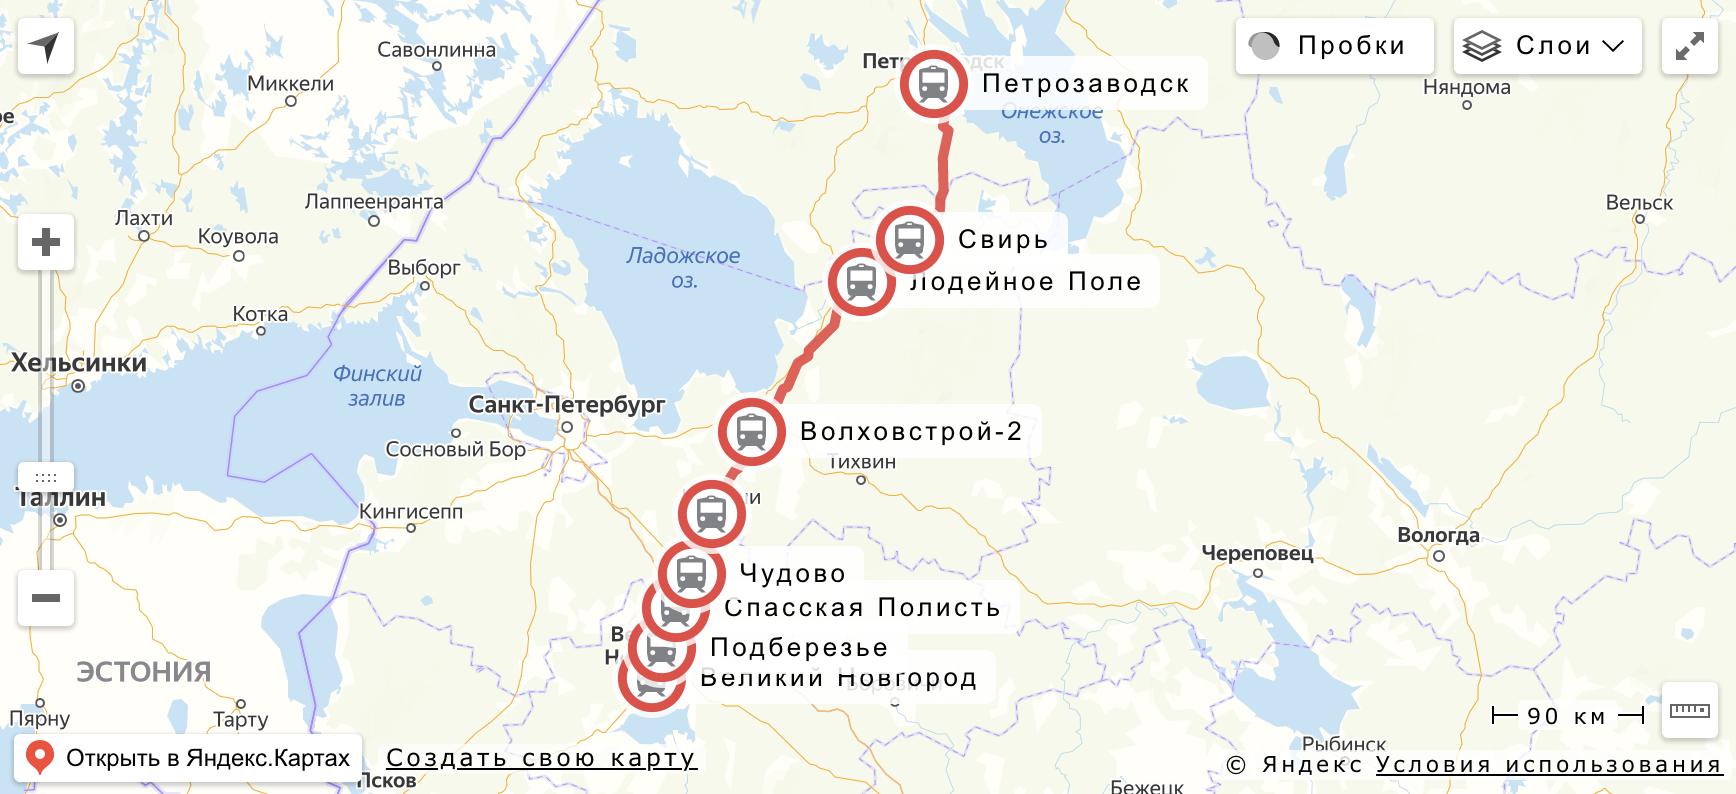 """Маршрут поезда """"Ласточка"""" Петрозаводск - Великий Новгород"""